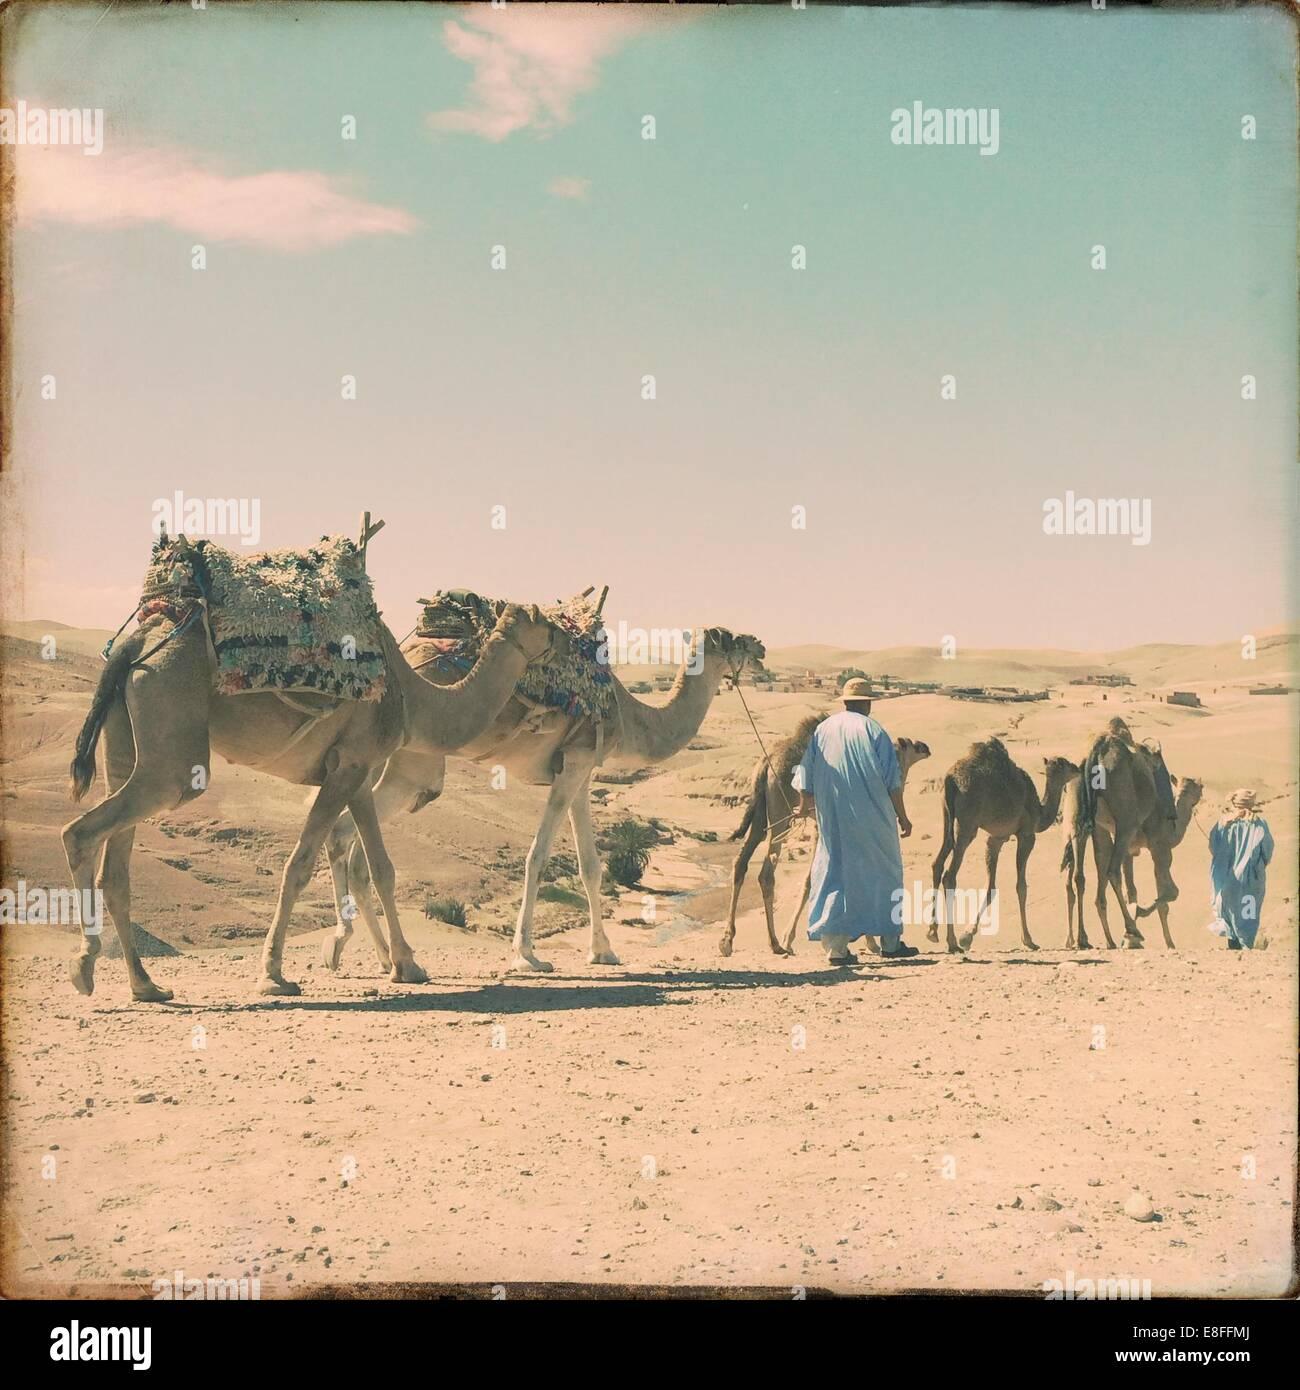 Les hommes à marcher avec un troupeau de chameaux Photo Stock